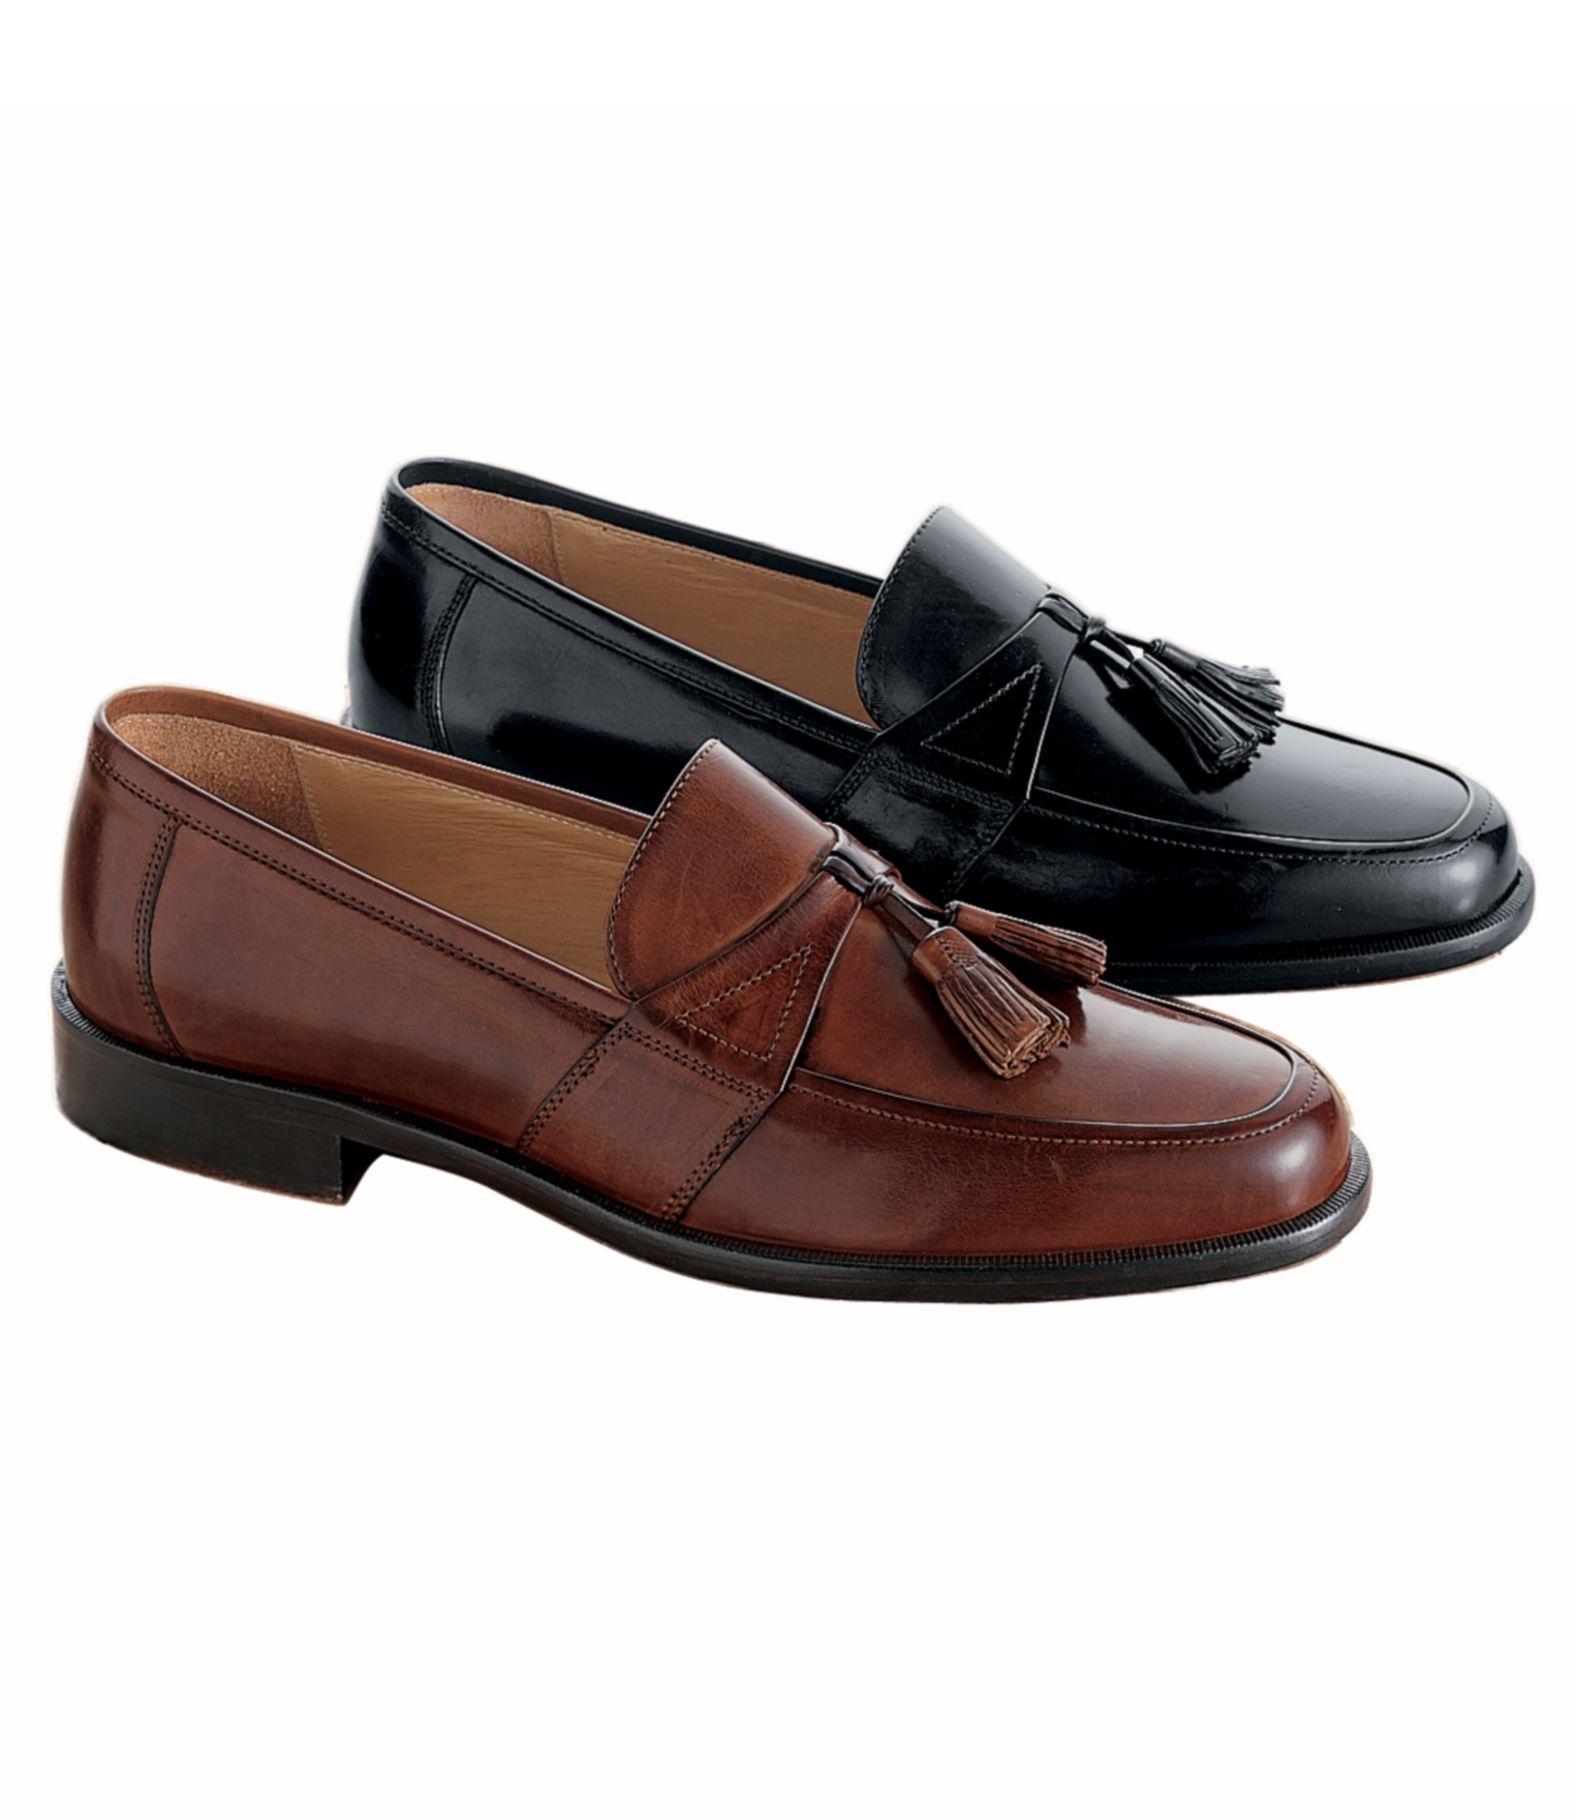 Men's Shoes | Shop Men's Footwear | JoS. A. Bank Clothiers